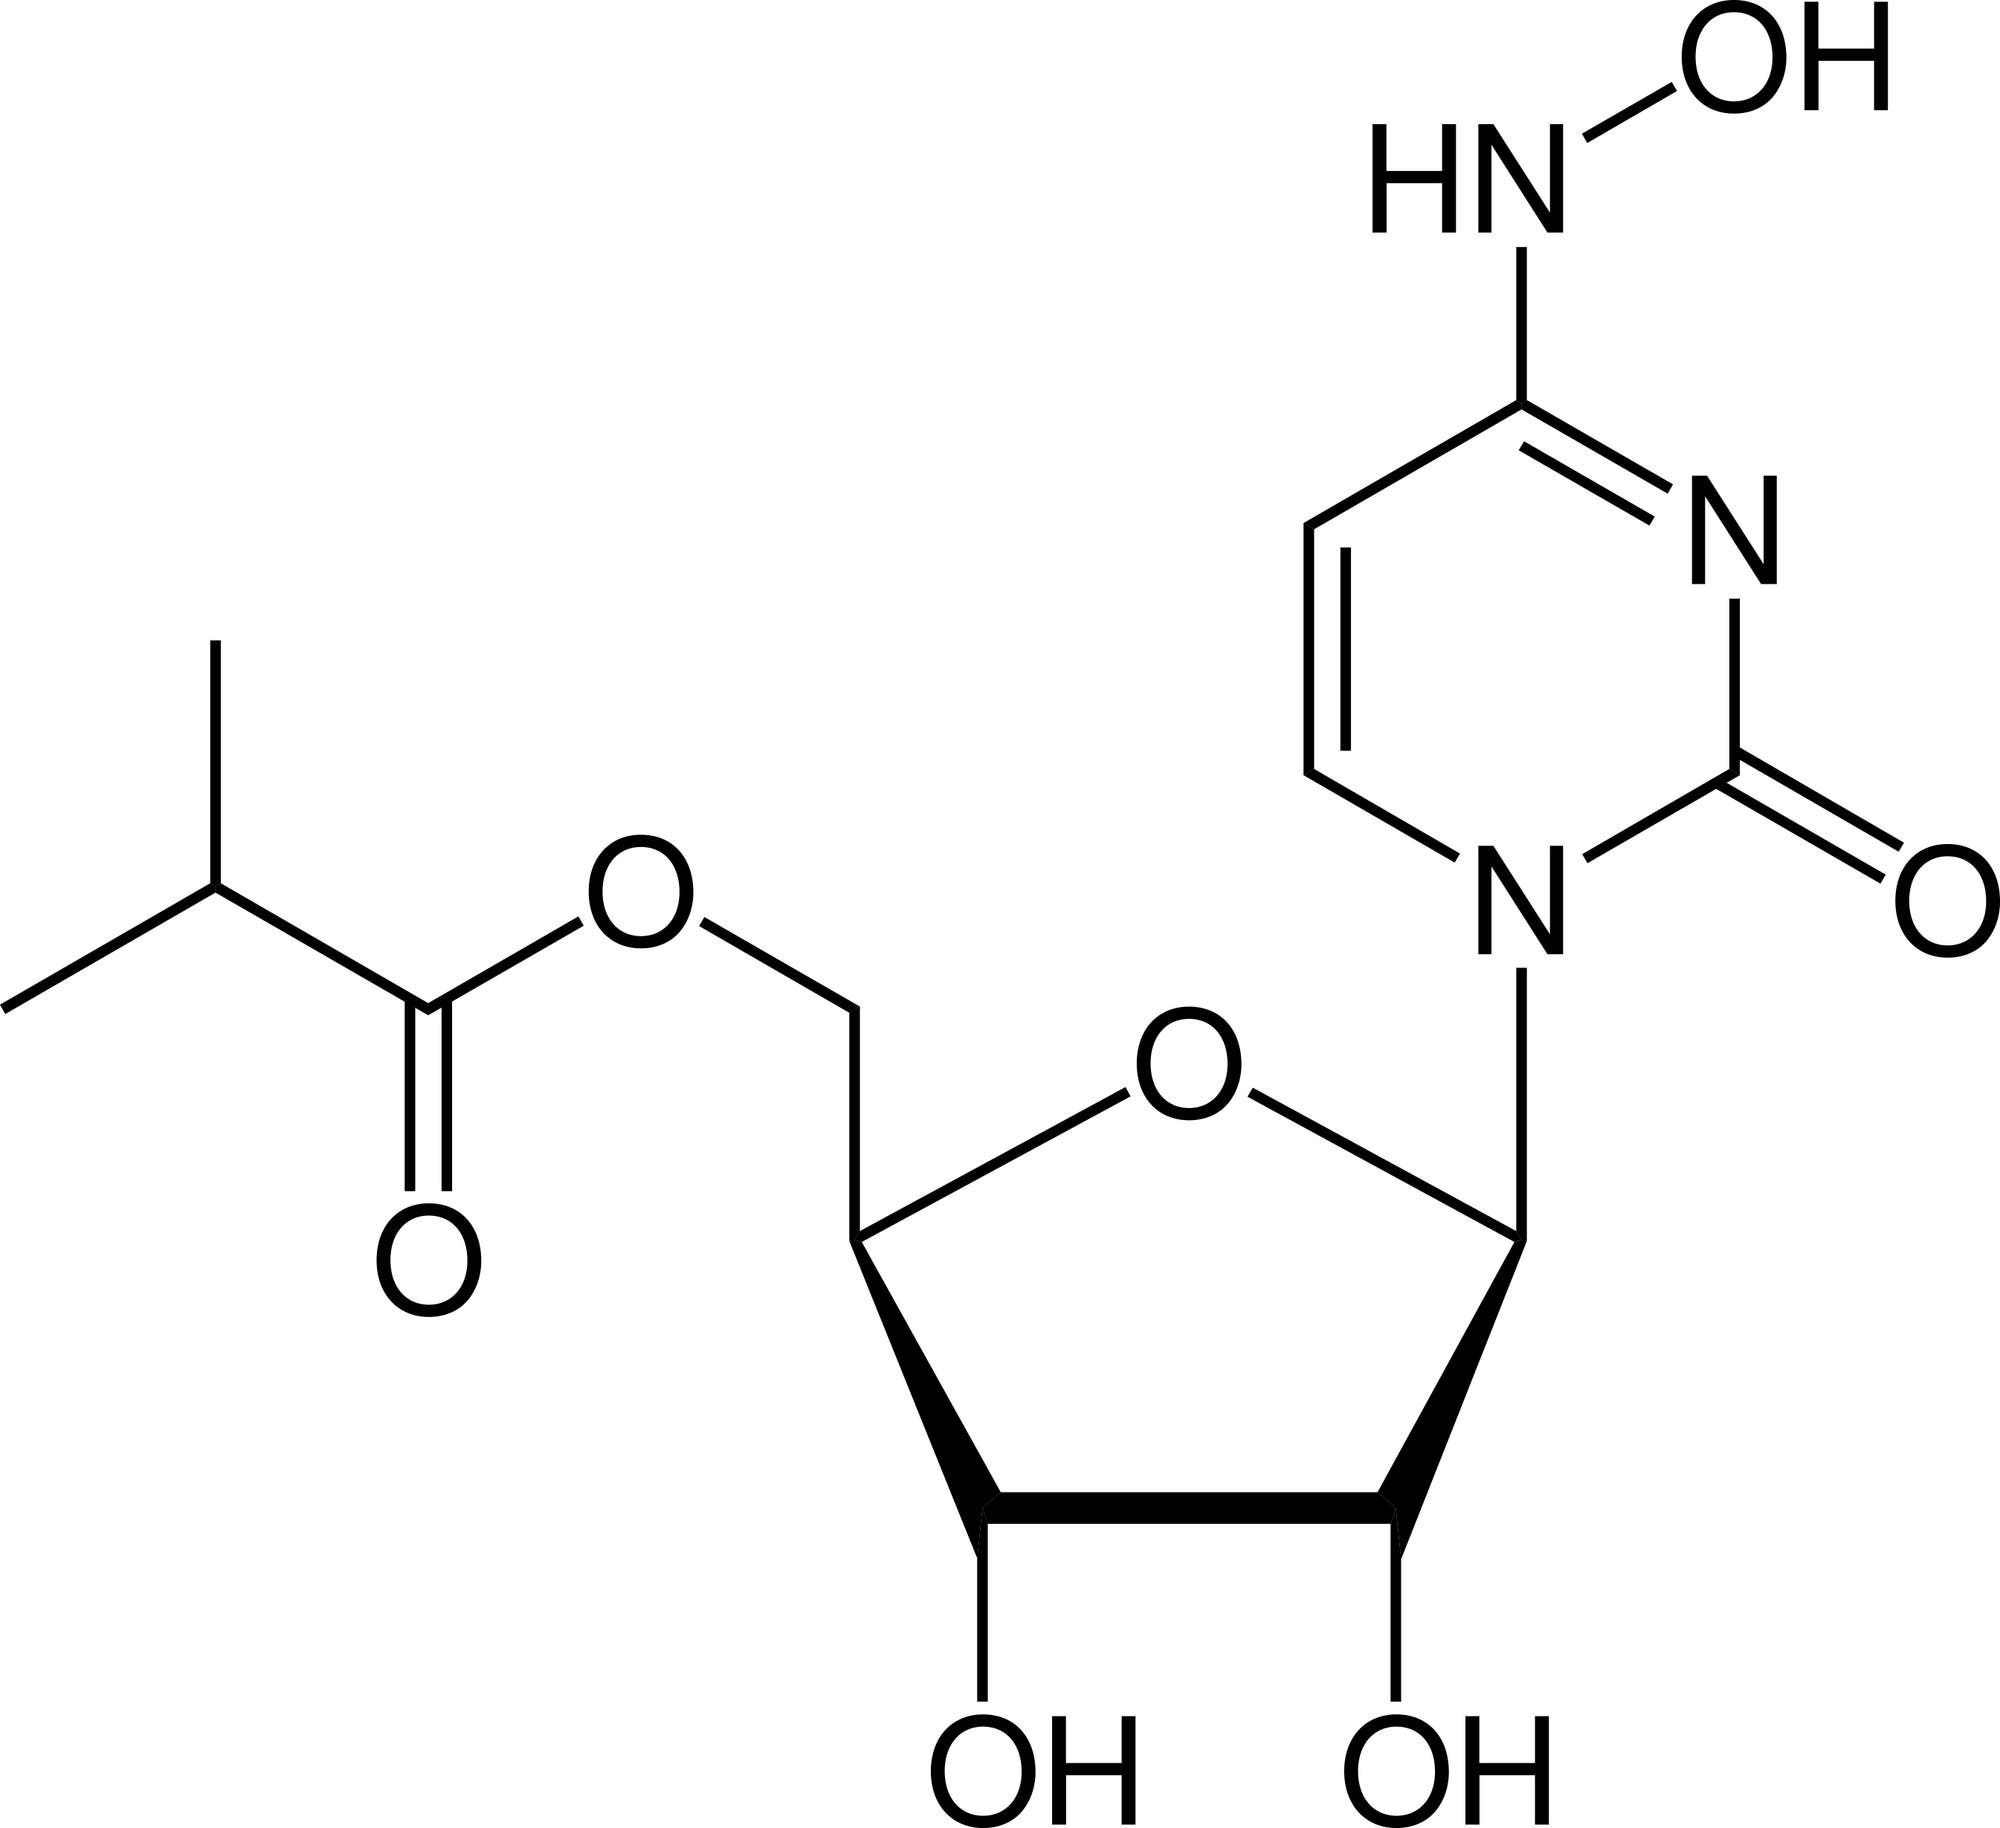 Die Strukturformel von Molnupiravir